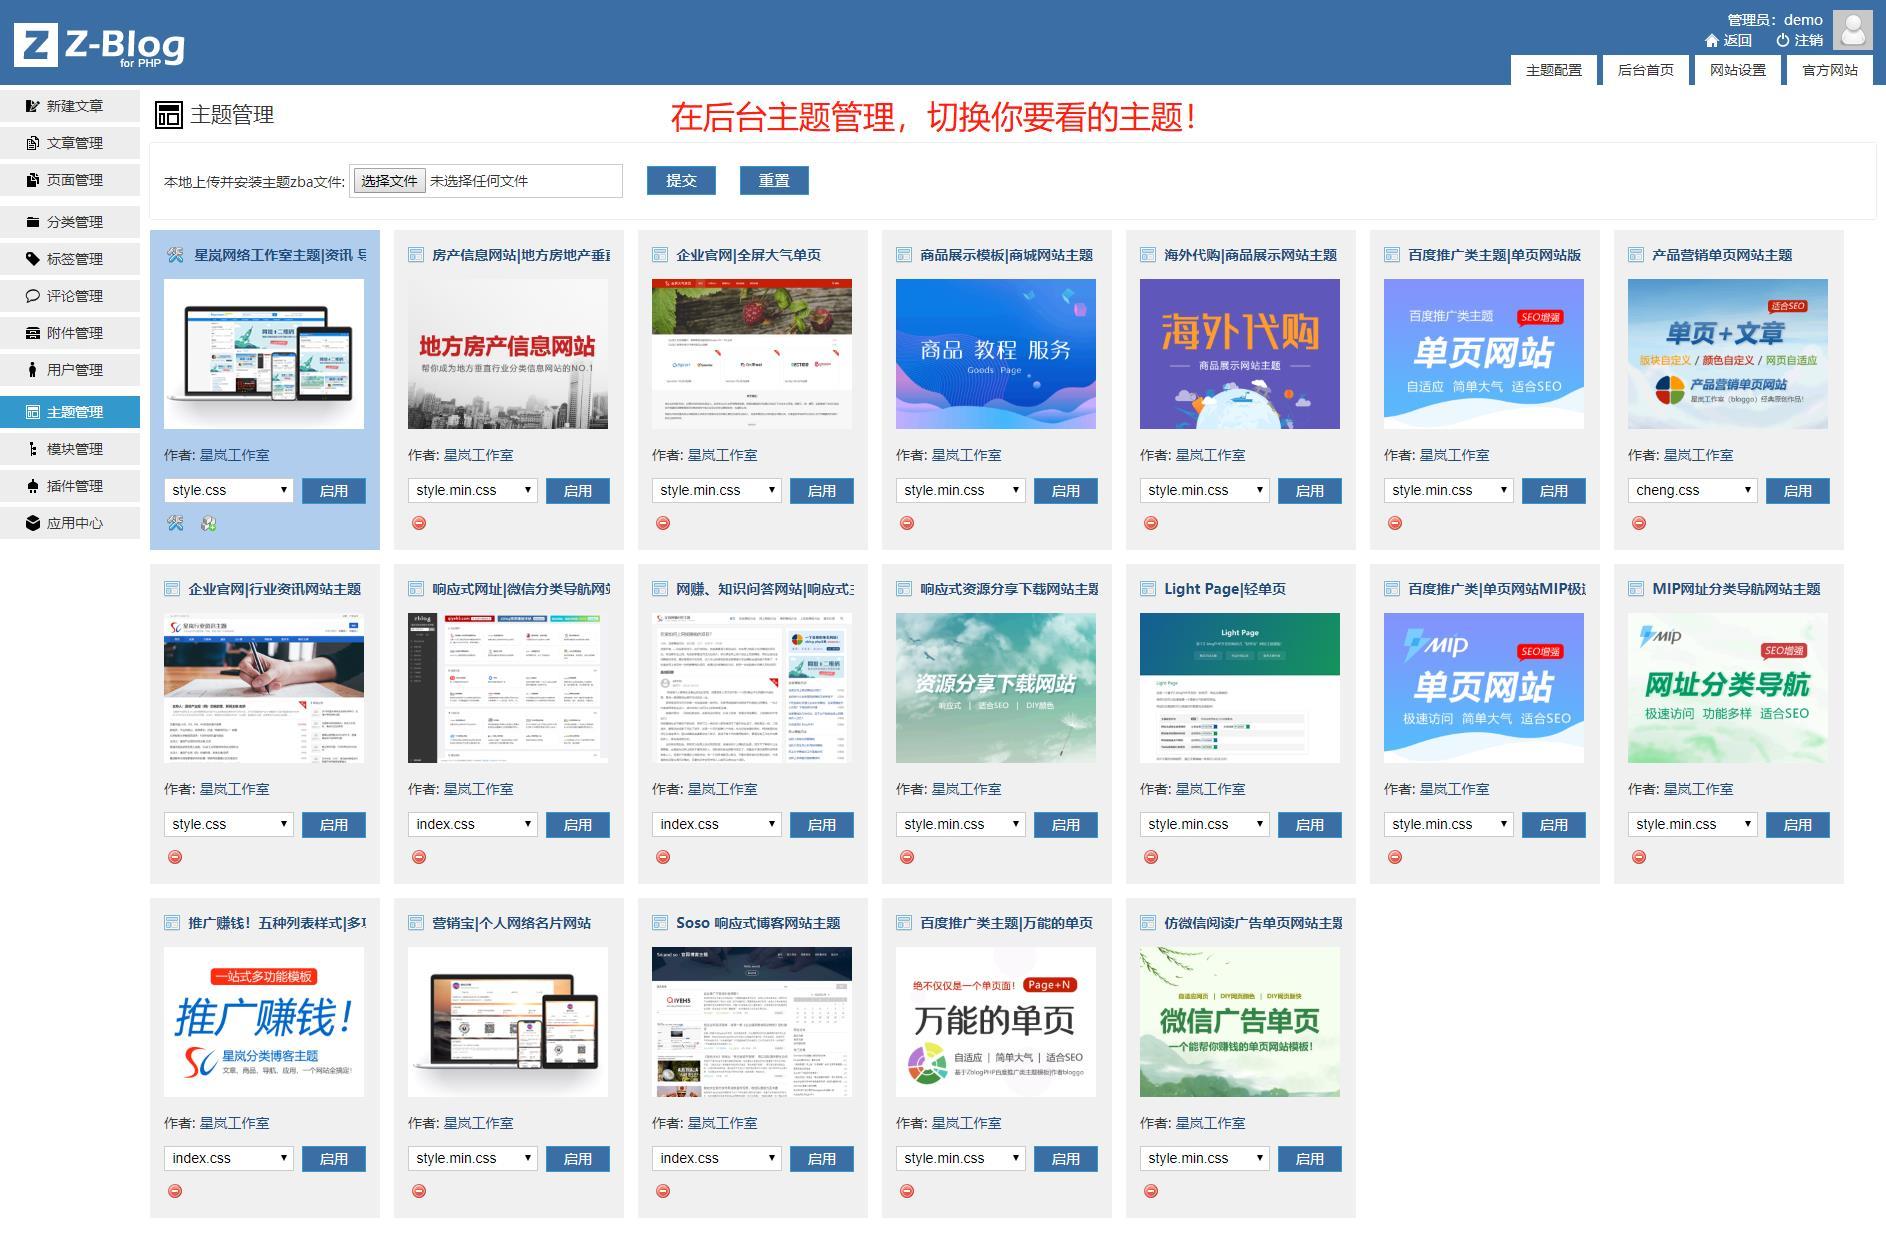 免费体验付费《主题&插件》网站后台扩展功能